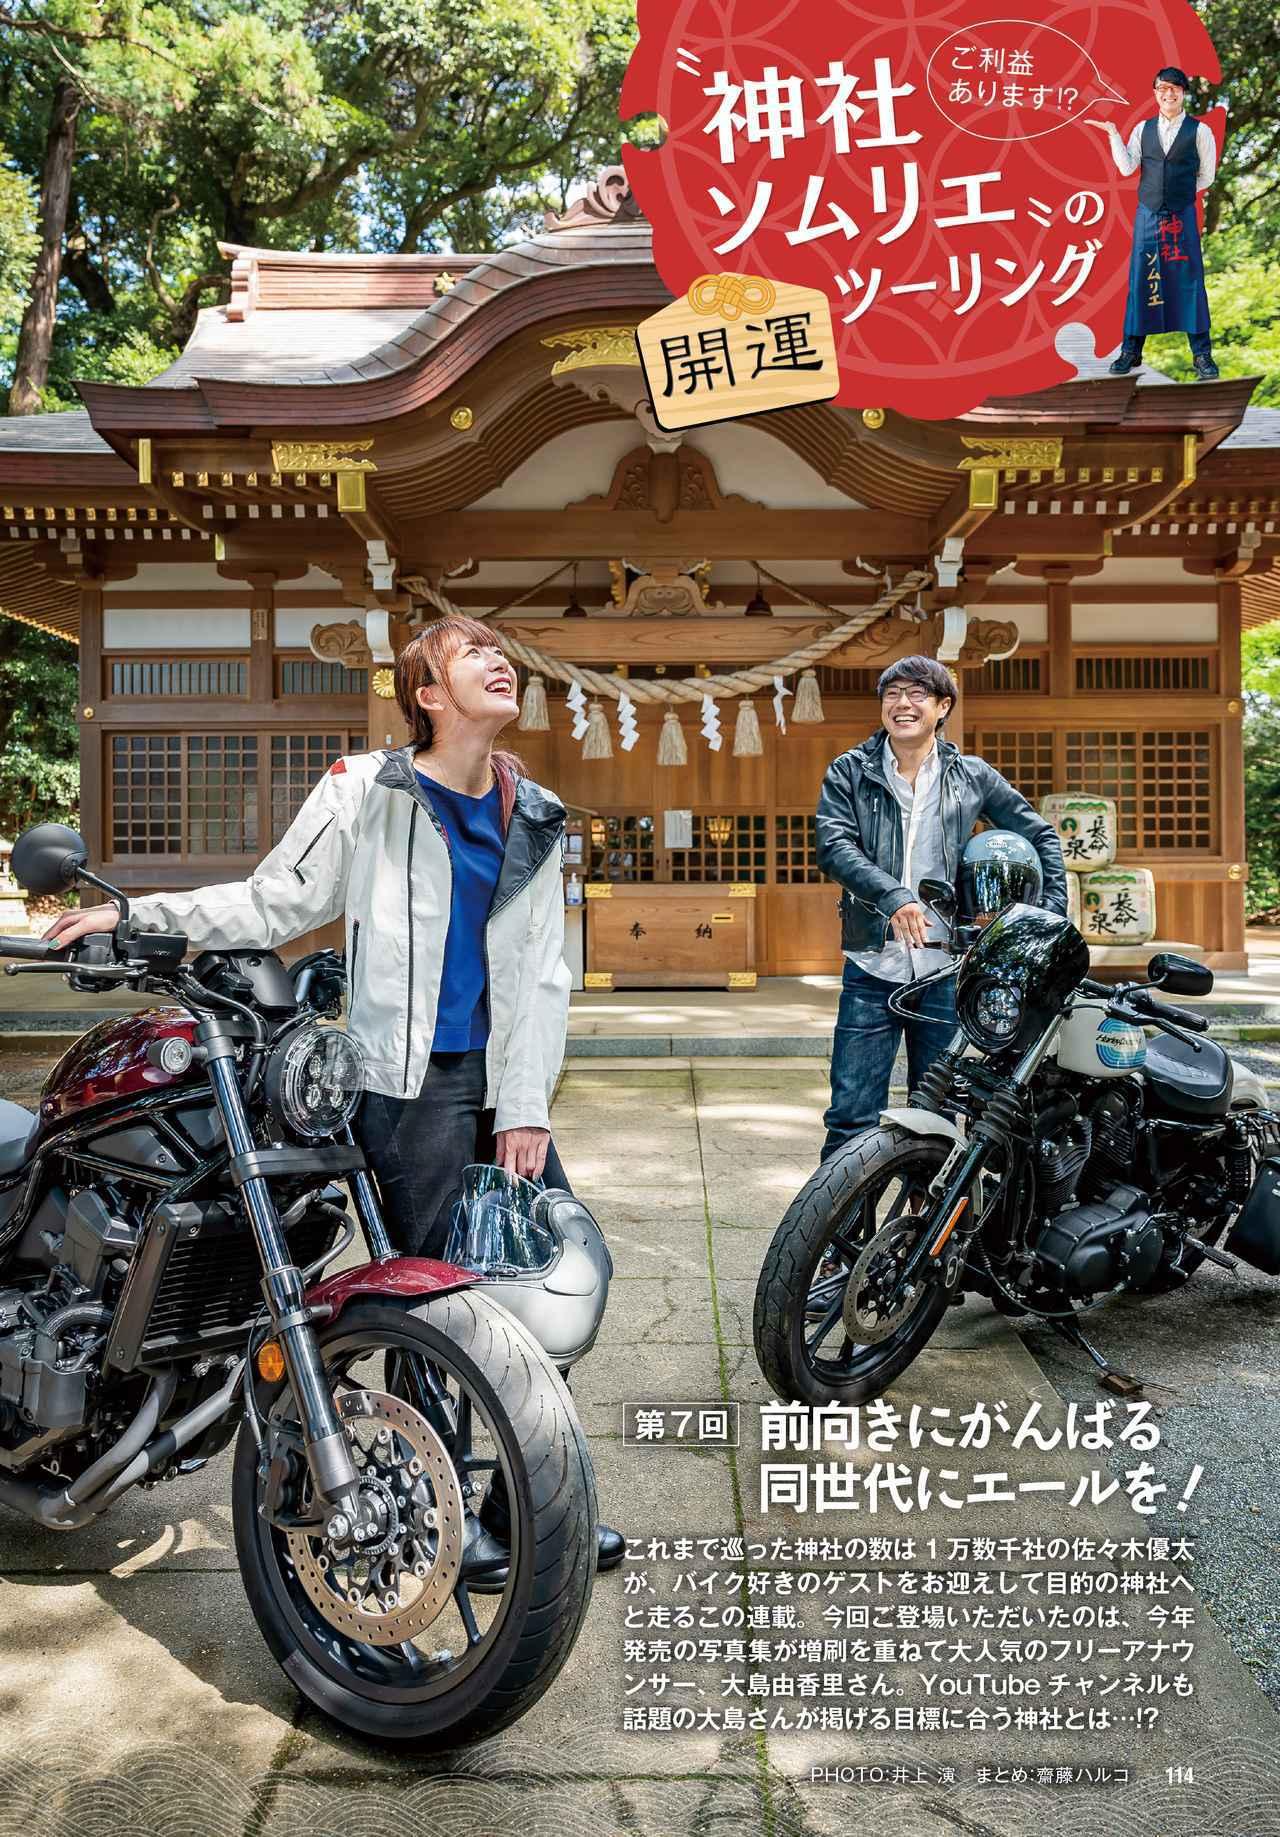 画像4: 月刊『オートバイ』11月号はスクープ情報&新型車速報が盛りだくさん!「RIDE」とセットで2021年10月1日に発売